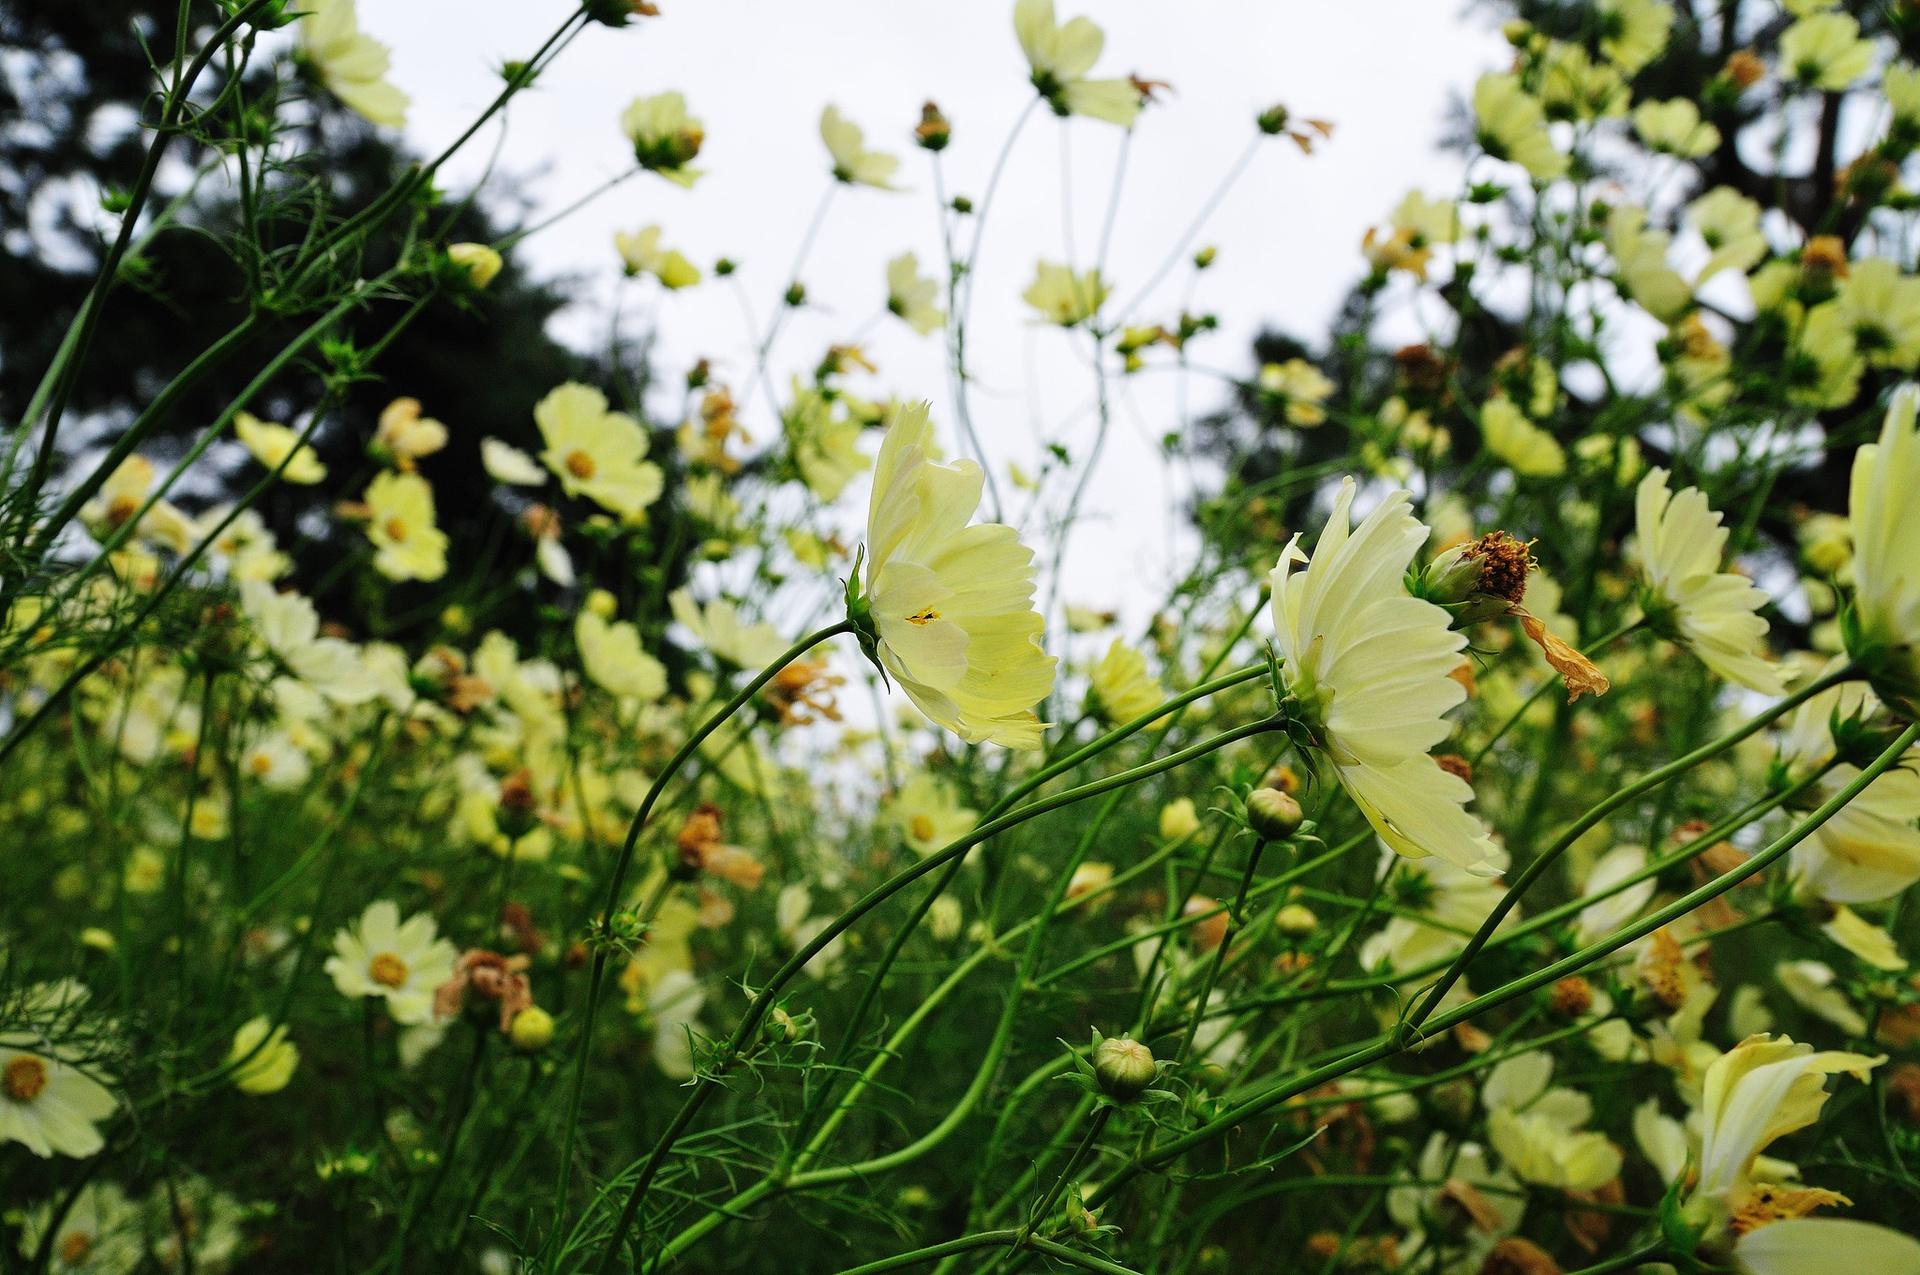 Ngoài ra, công viên cũng có đa dạng các loài thực vật và hoa khác như hoa hồng tuyết, cam thảo, loa kèn đỏ… nở quanh năm. Ảnh: Ajari.